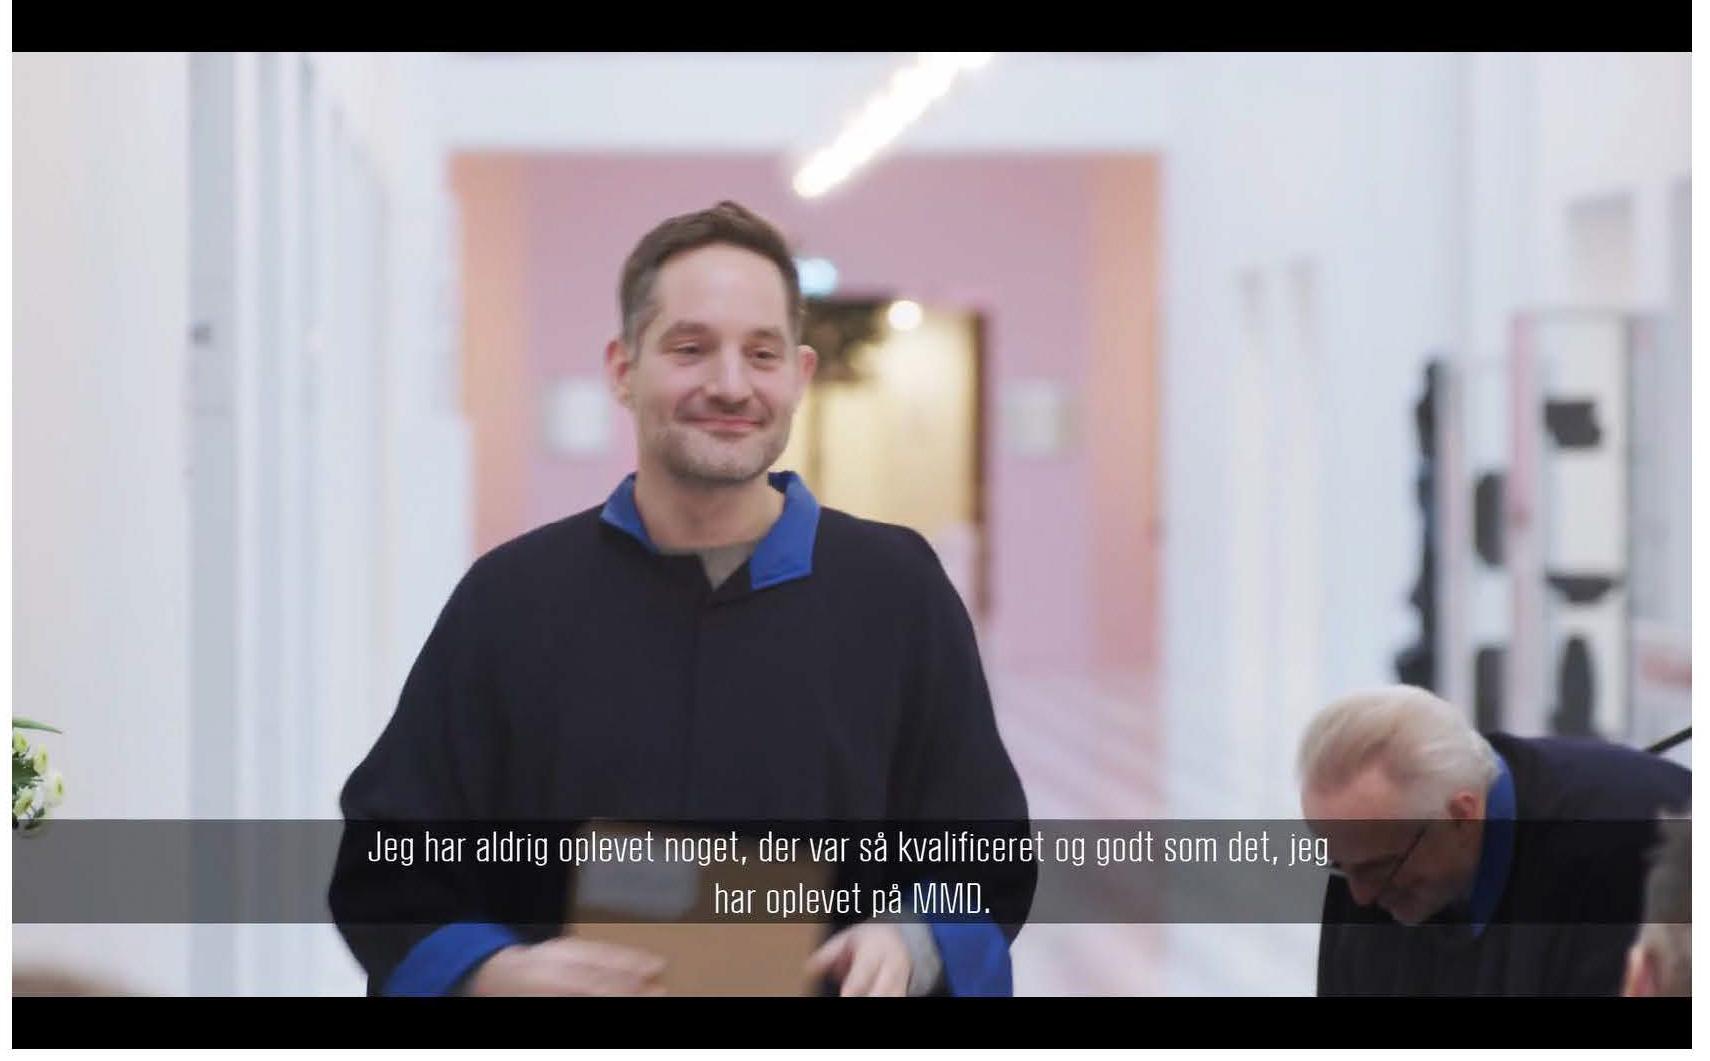 Eske Vinther-Jensen; MMD 2018